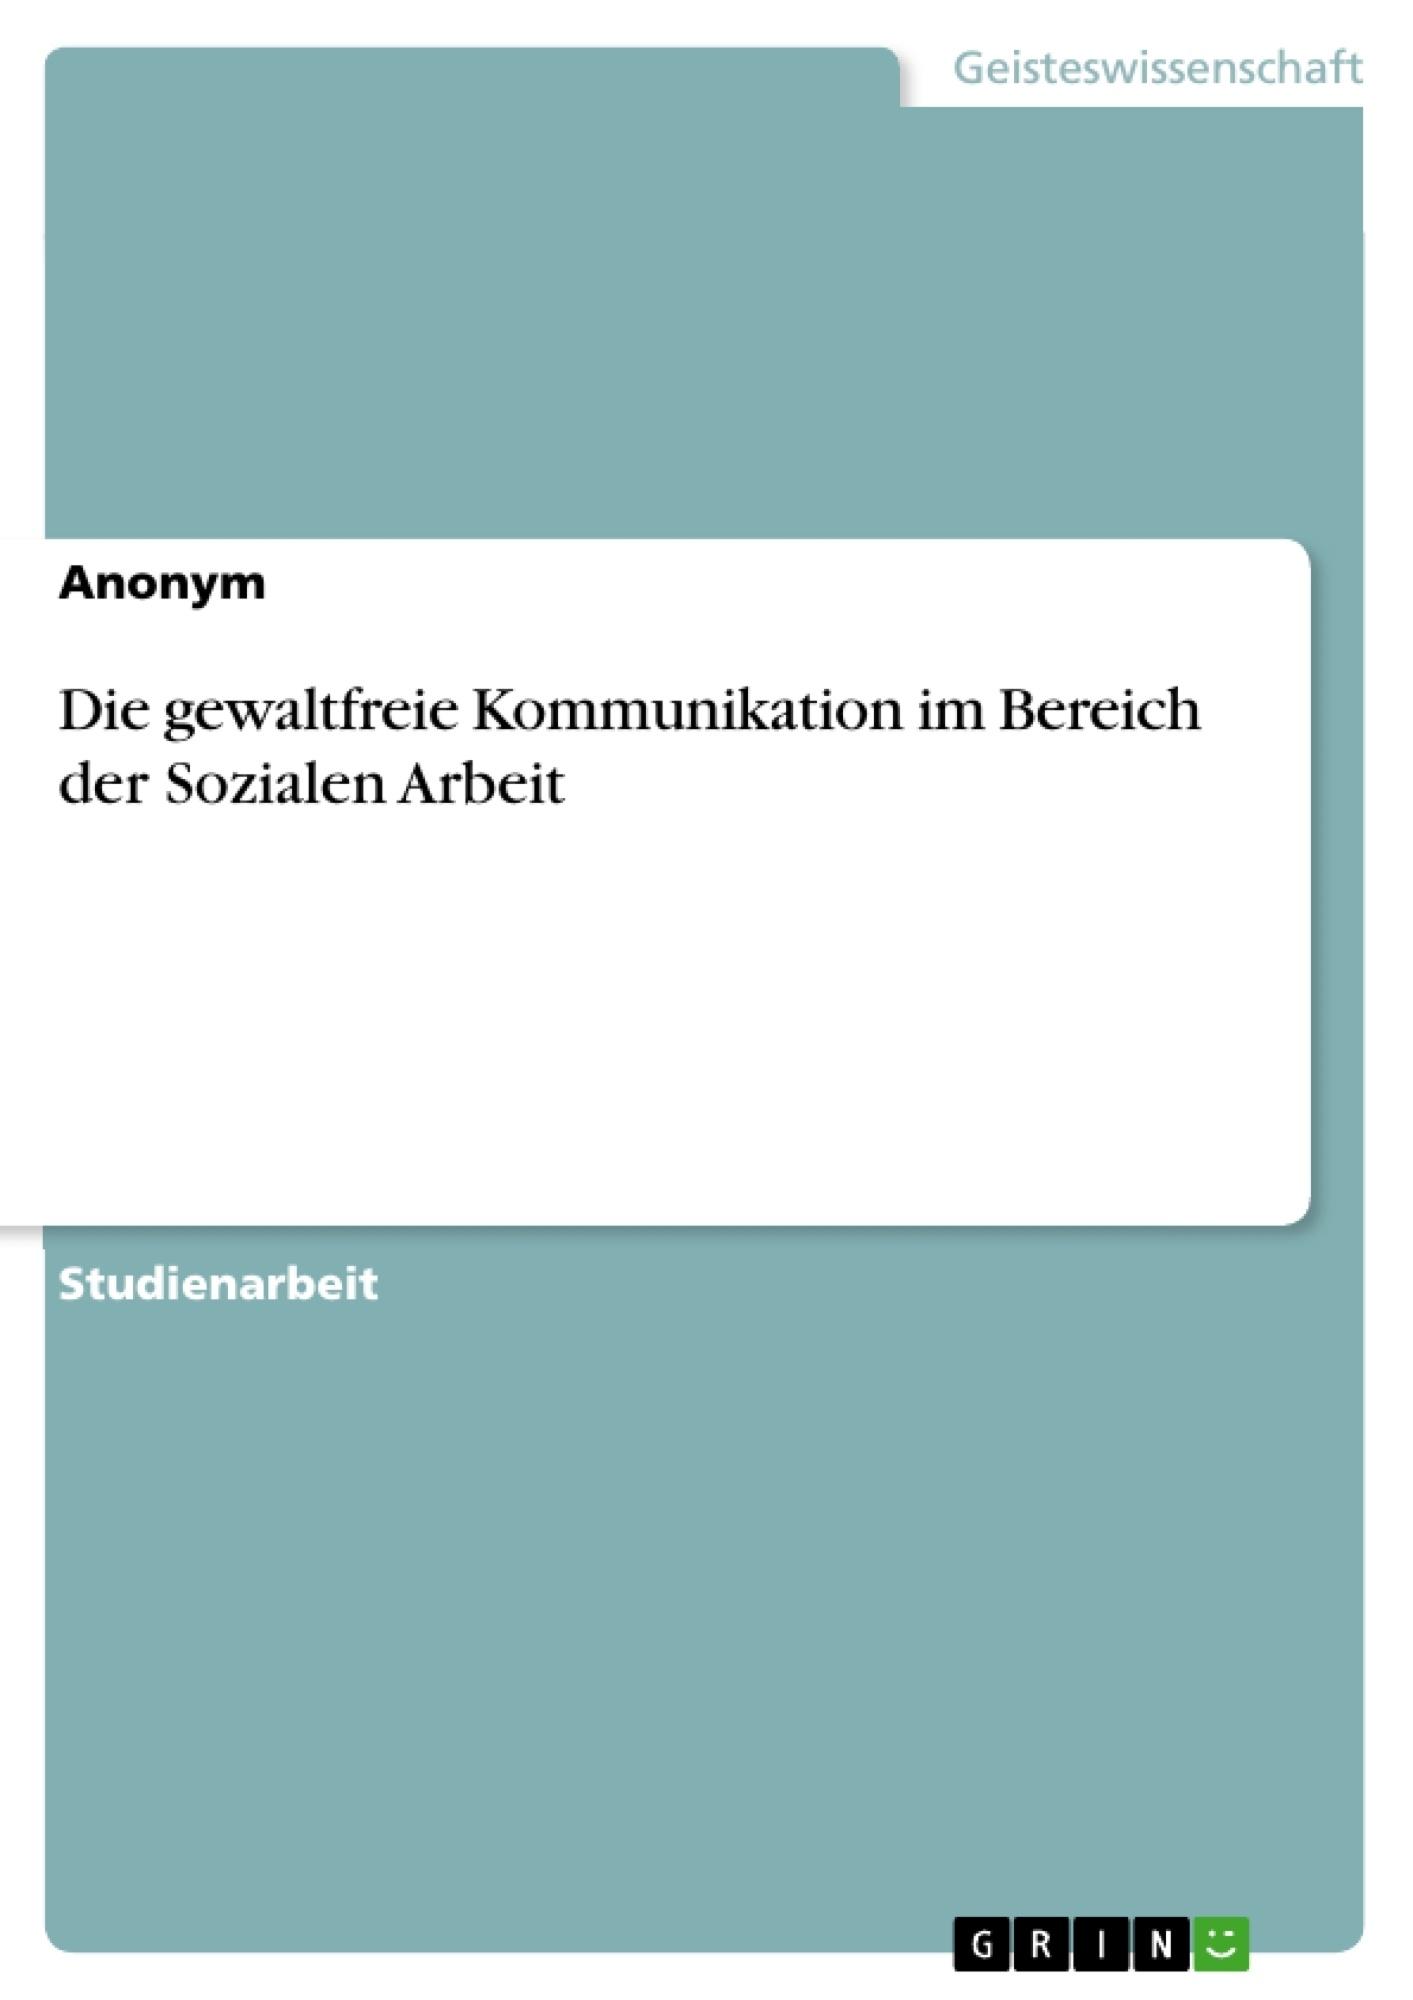 Titel: Die gewaltfreie Kommunikation im Bereich der Sozialen Arbeit